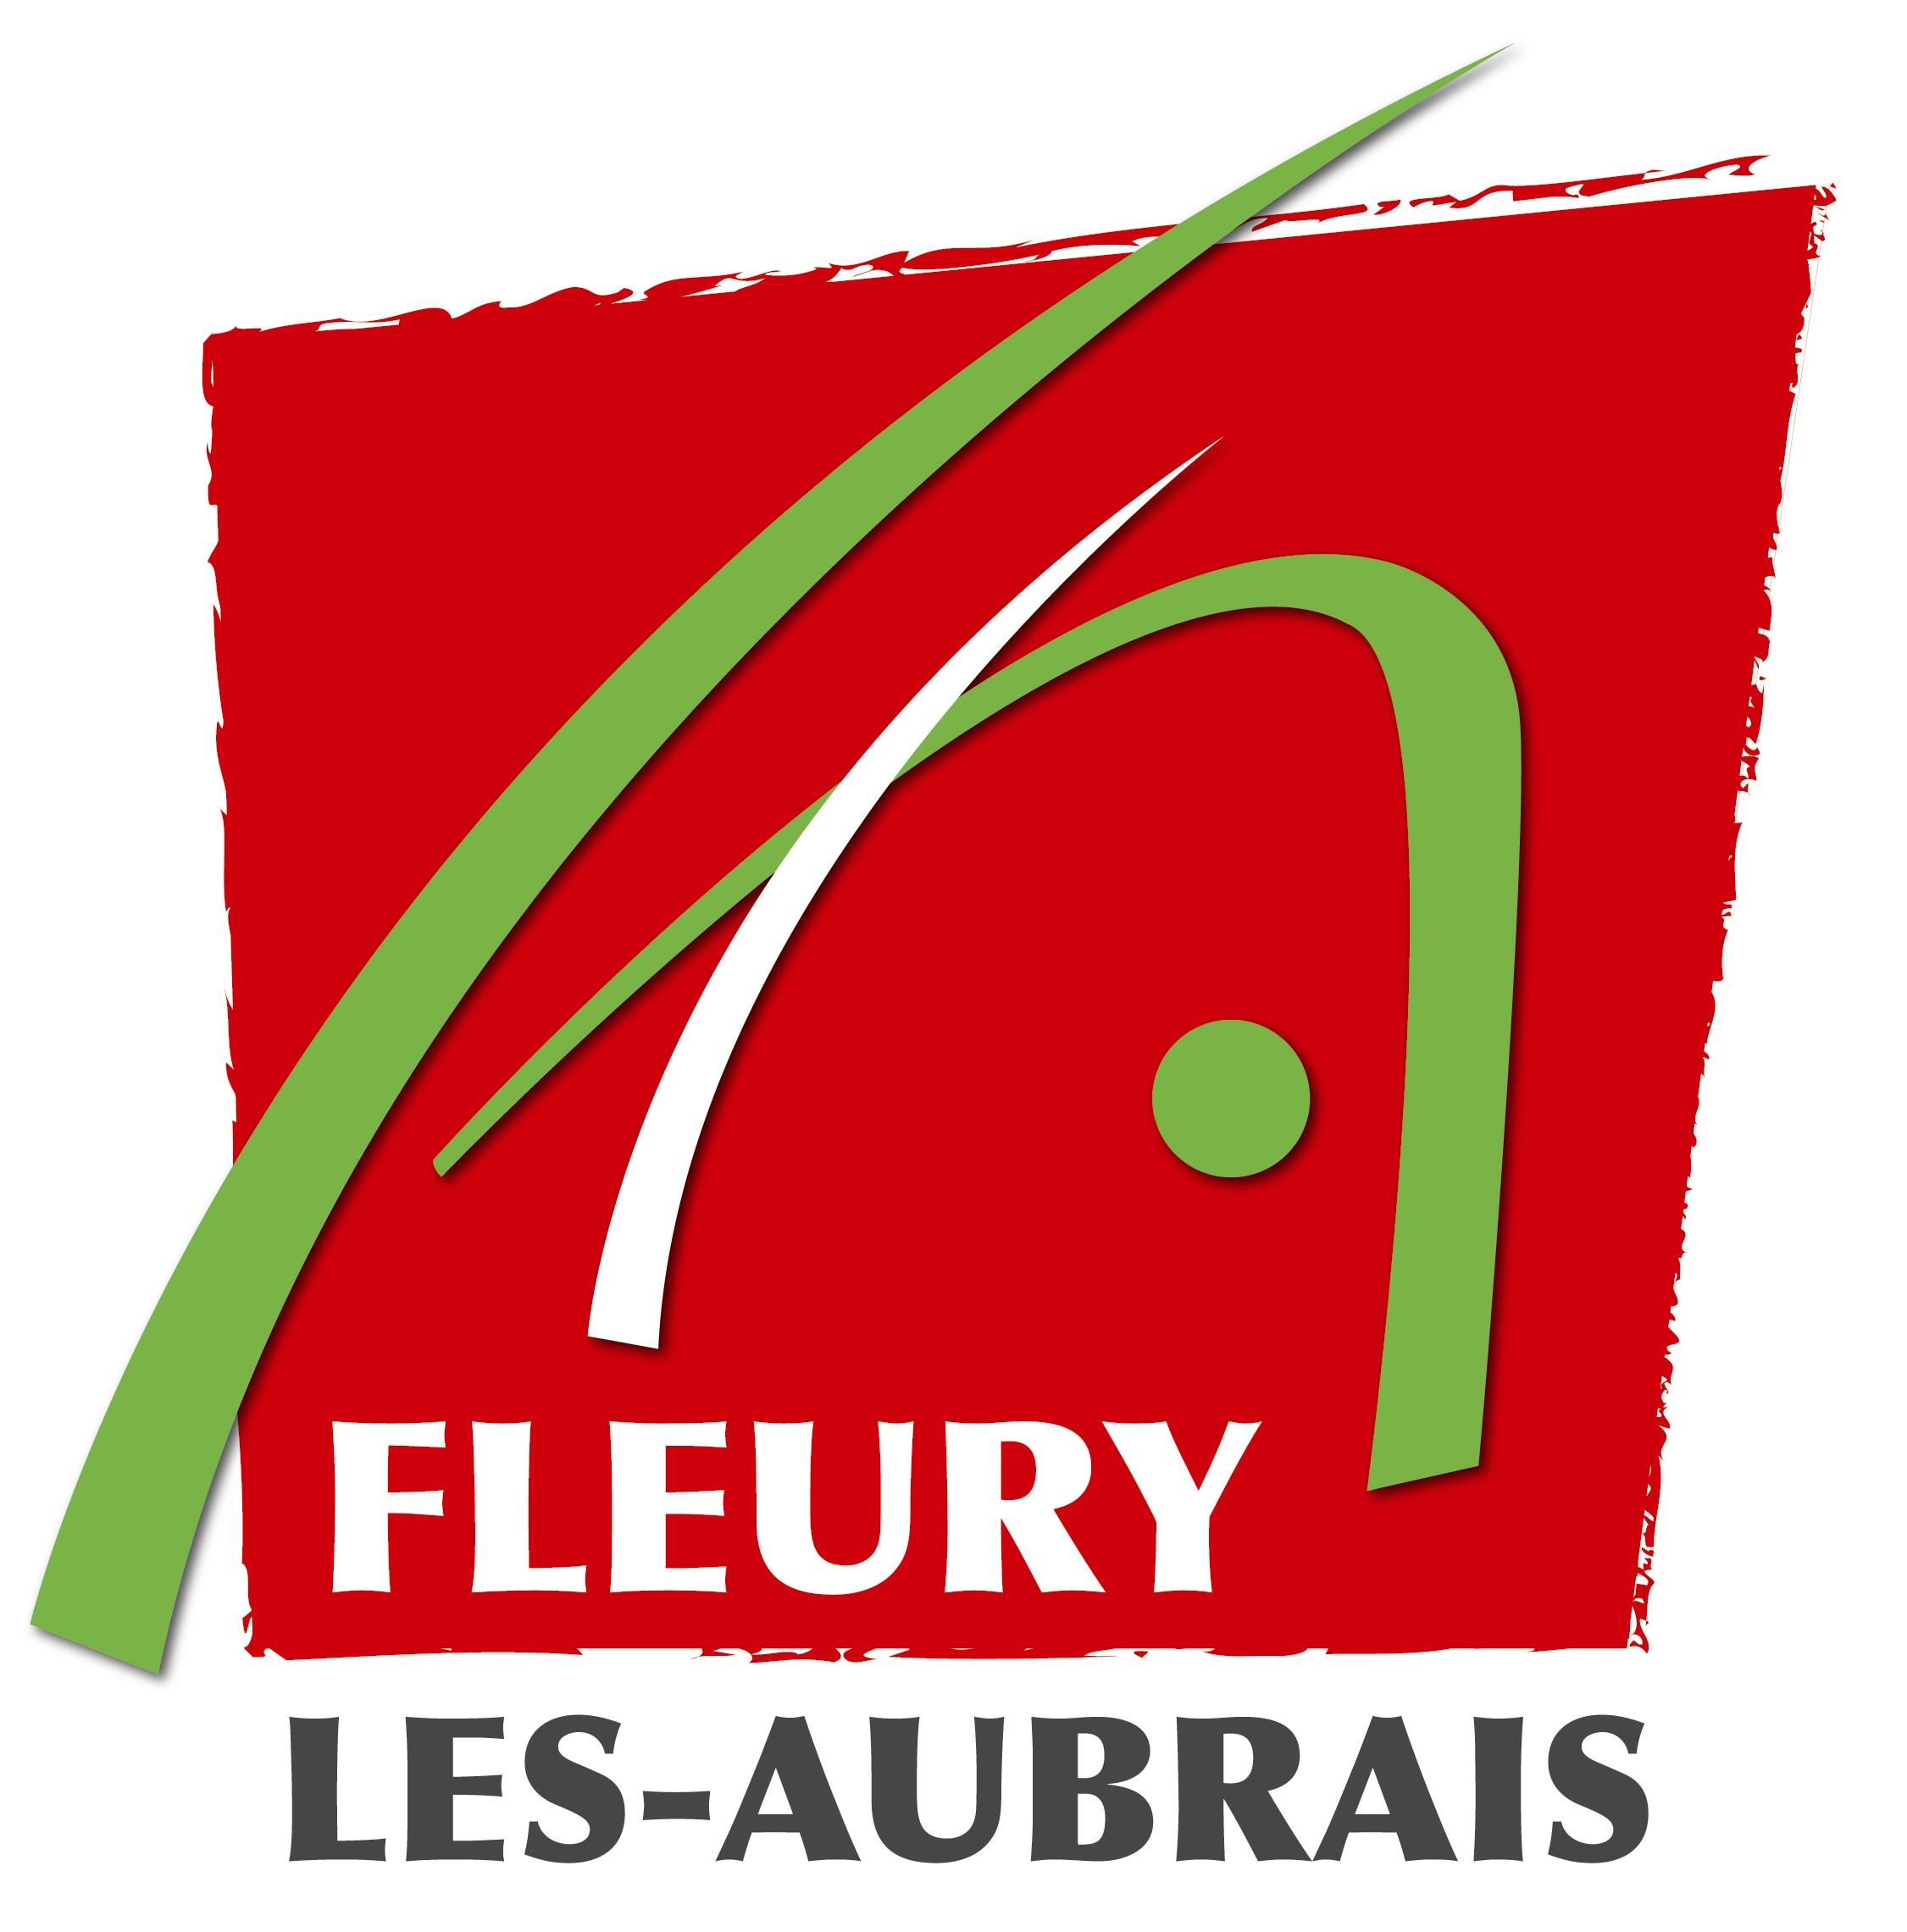 VILLE DE FLEURY LES AUBRAIS